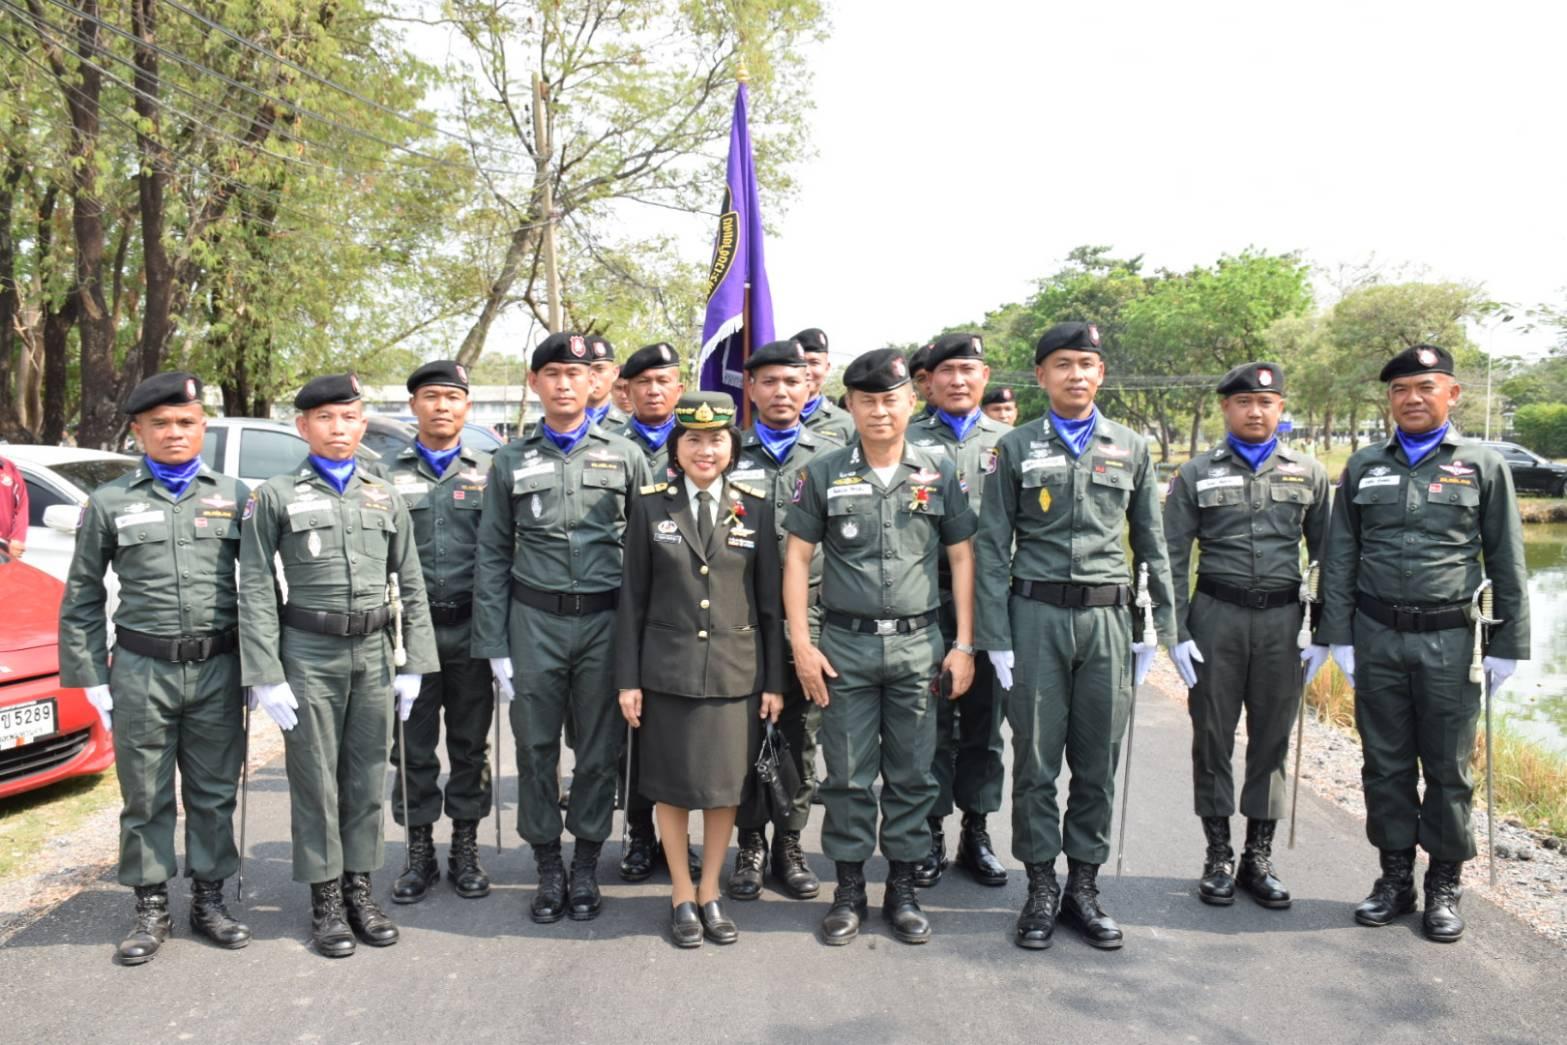 พิธีสวนสนามเชิดชูเกียรติวันทหารผ่านศึก